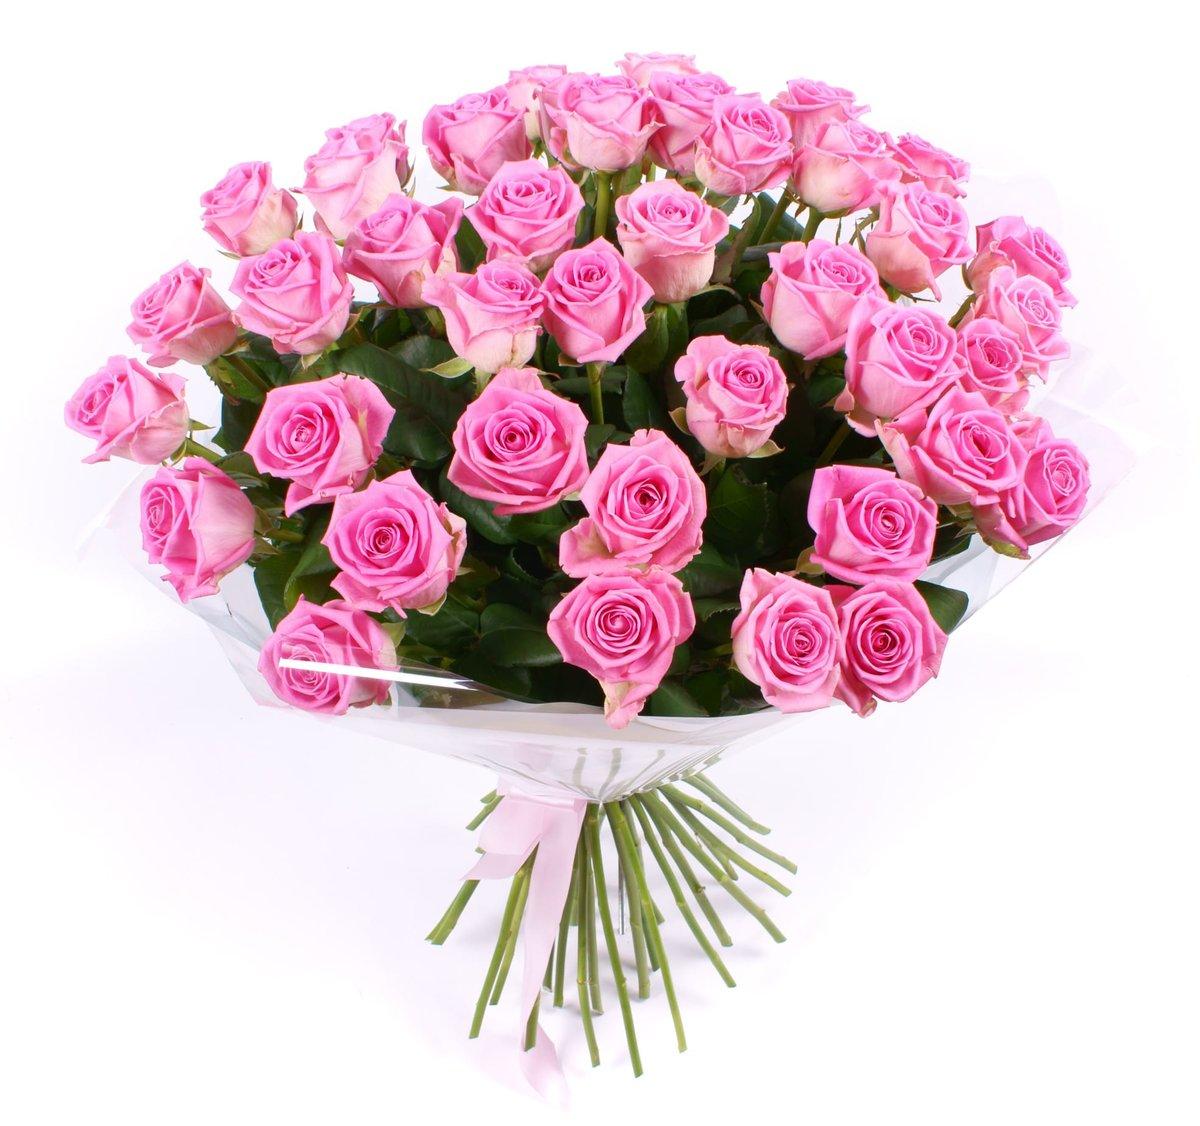 Шикарный букет роз картинки, картинка для